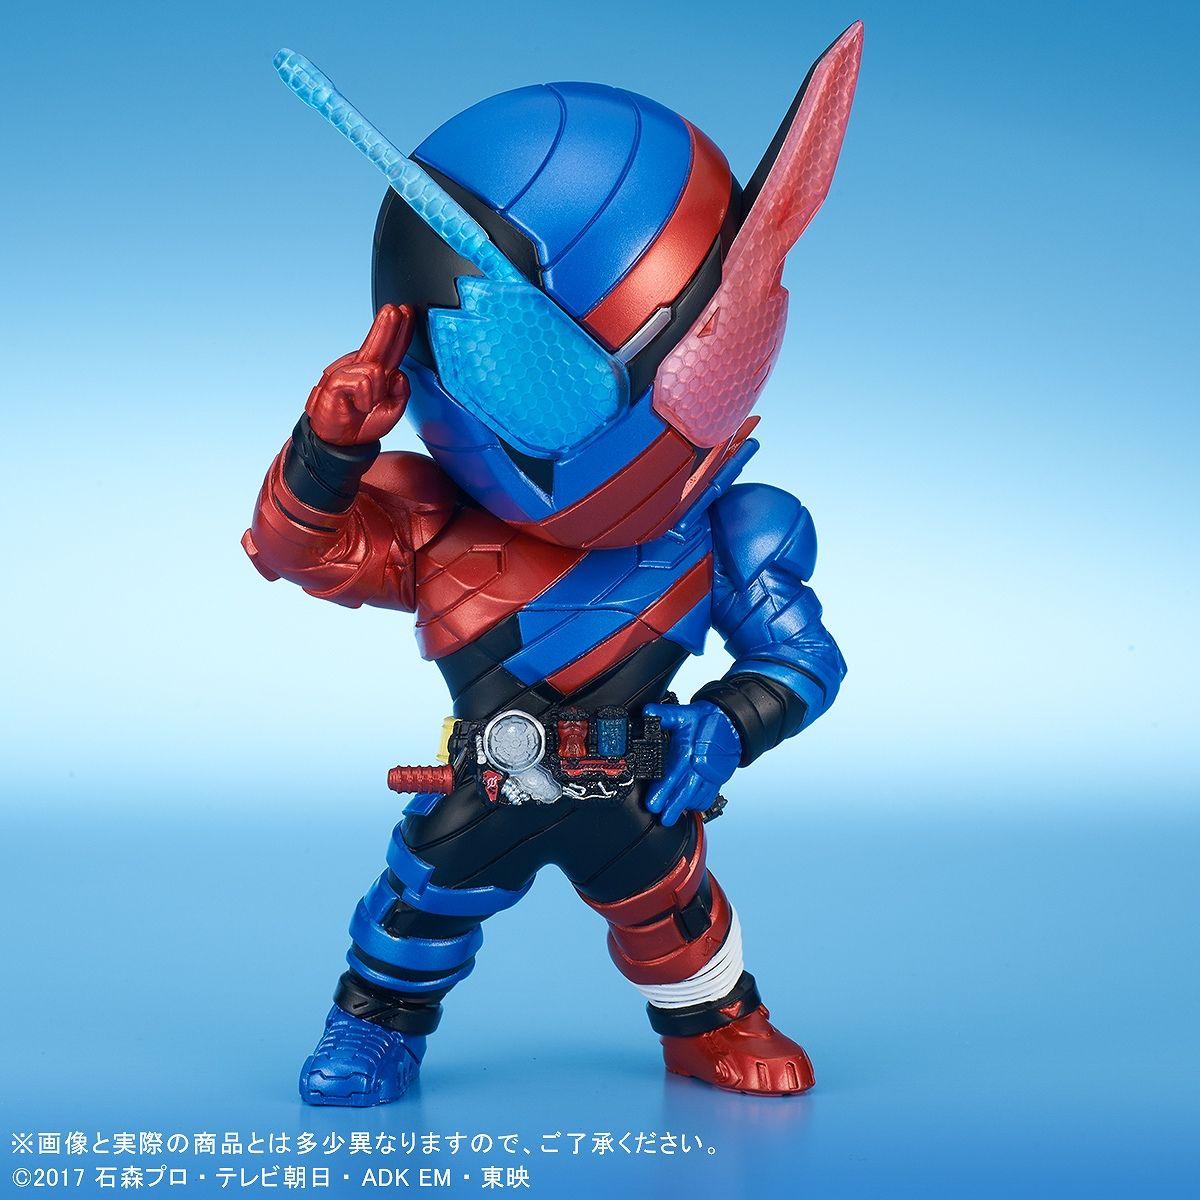 【限定販売】デフォリアル『仮面ライダービルド ラビットタンクフォーム』完成品フィギュア-004